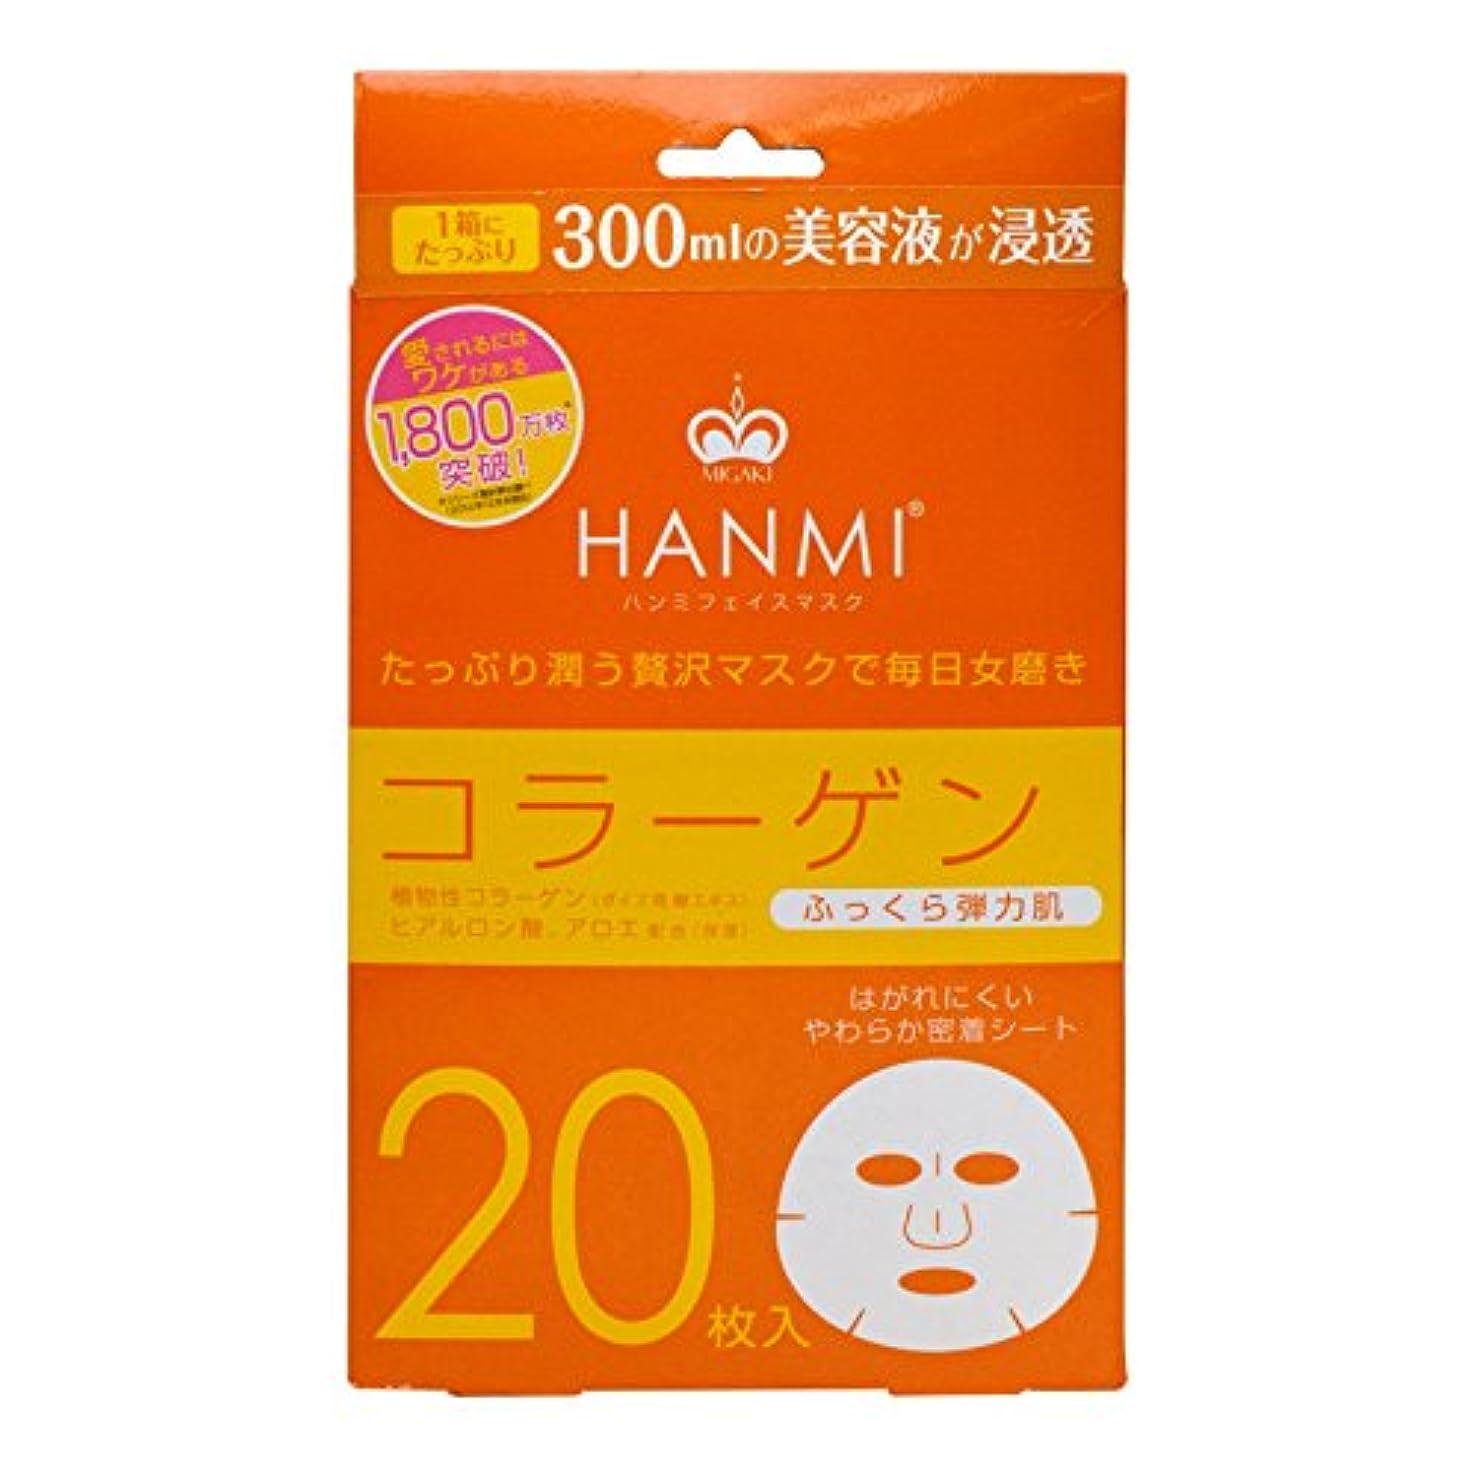 動物園配管工赤外線MIGAKI ハンミフェイスマスク コラーゲン 20枚入り